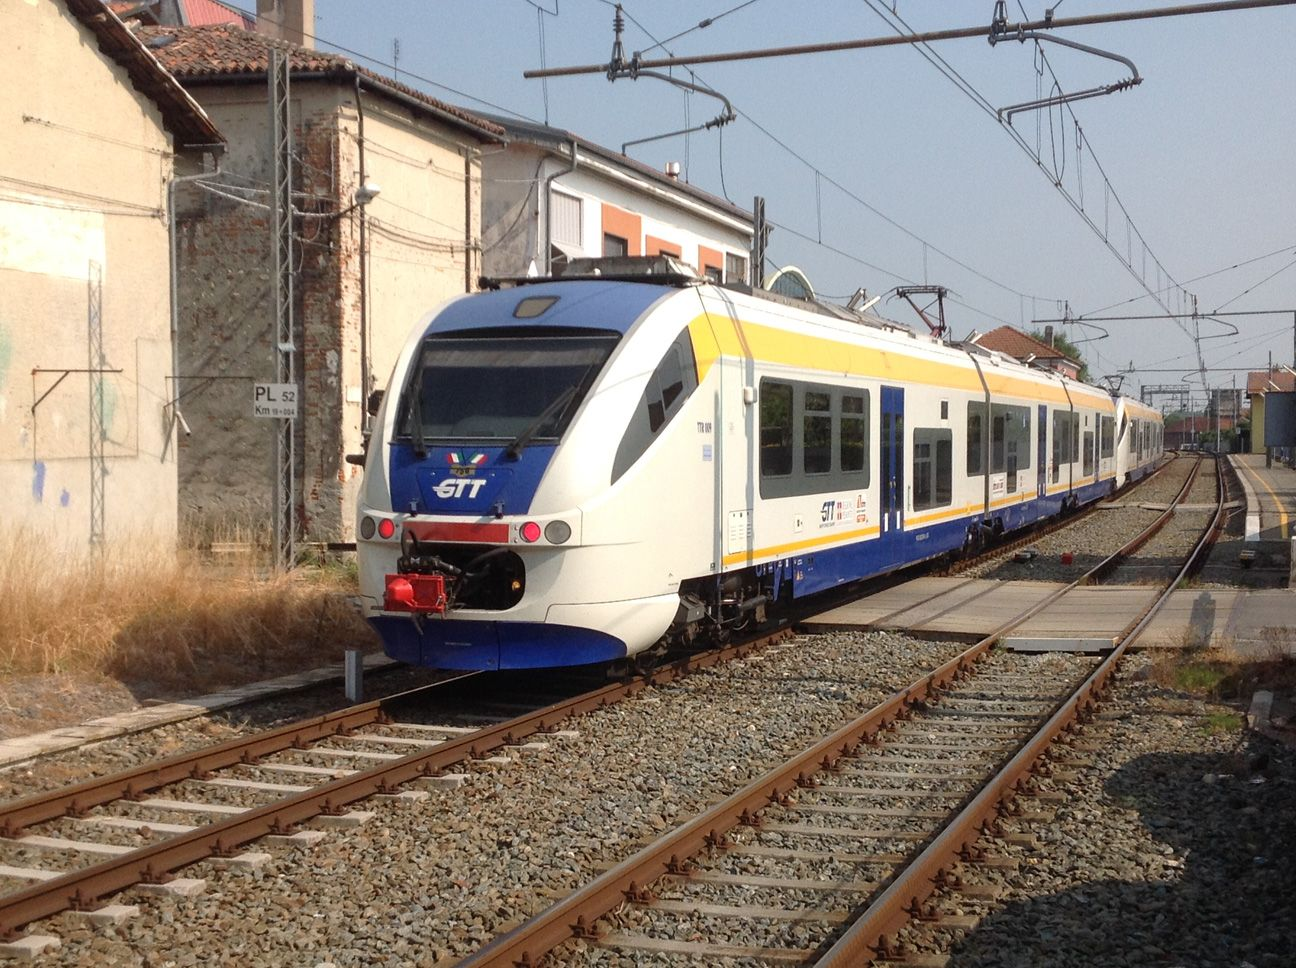 FERROVIA CANAVESANA - Si rompe (di nuovo) il treno Rivarolo-Torino: passeggeri a piedi, caos e ritardi